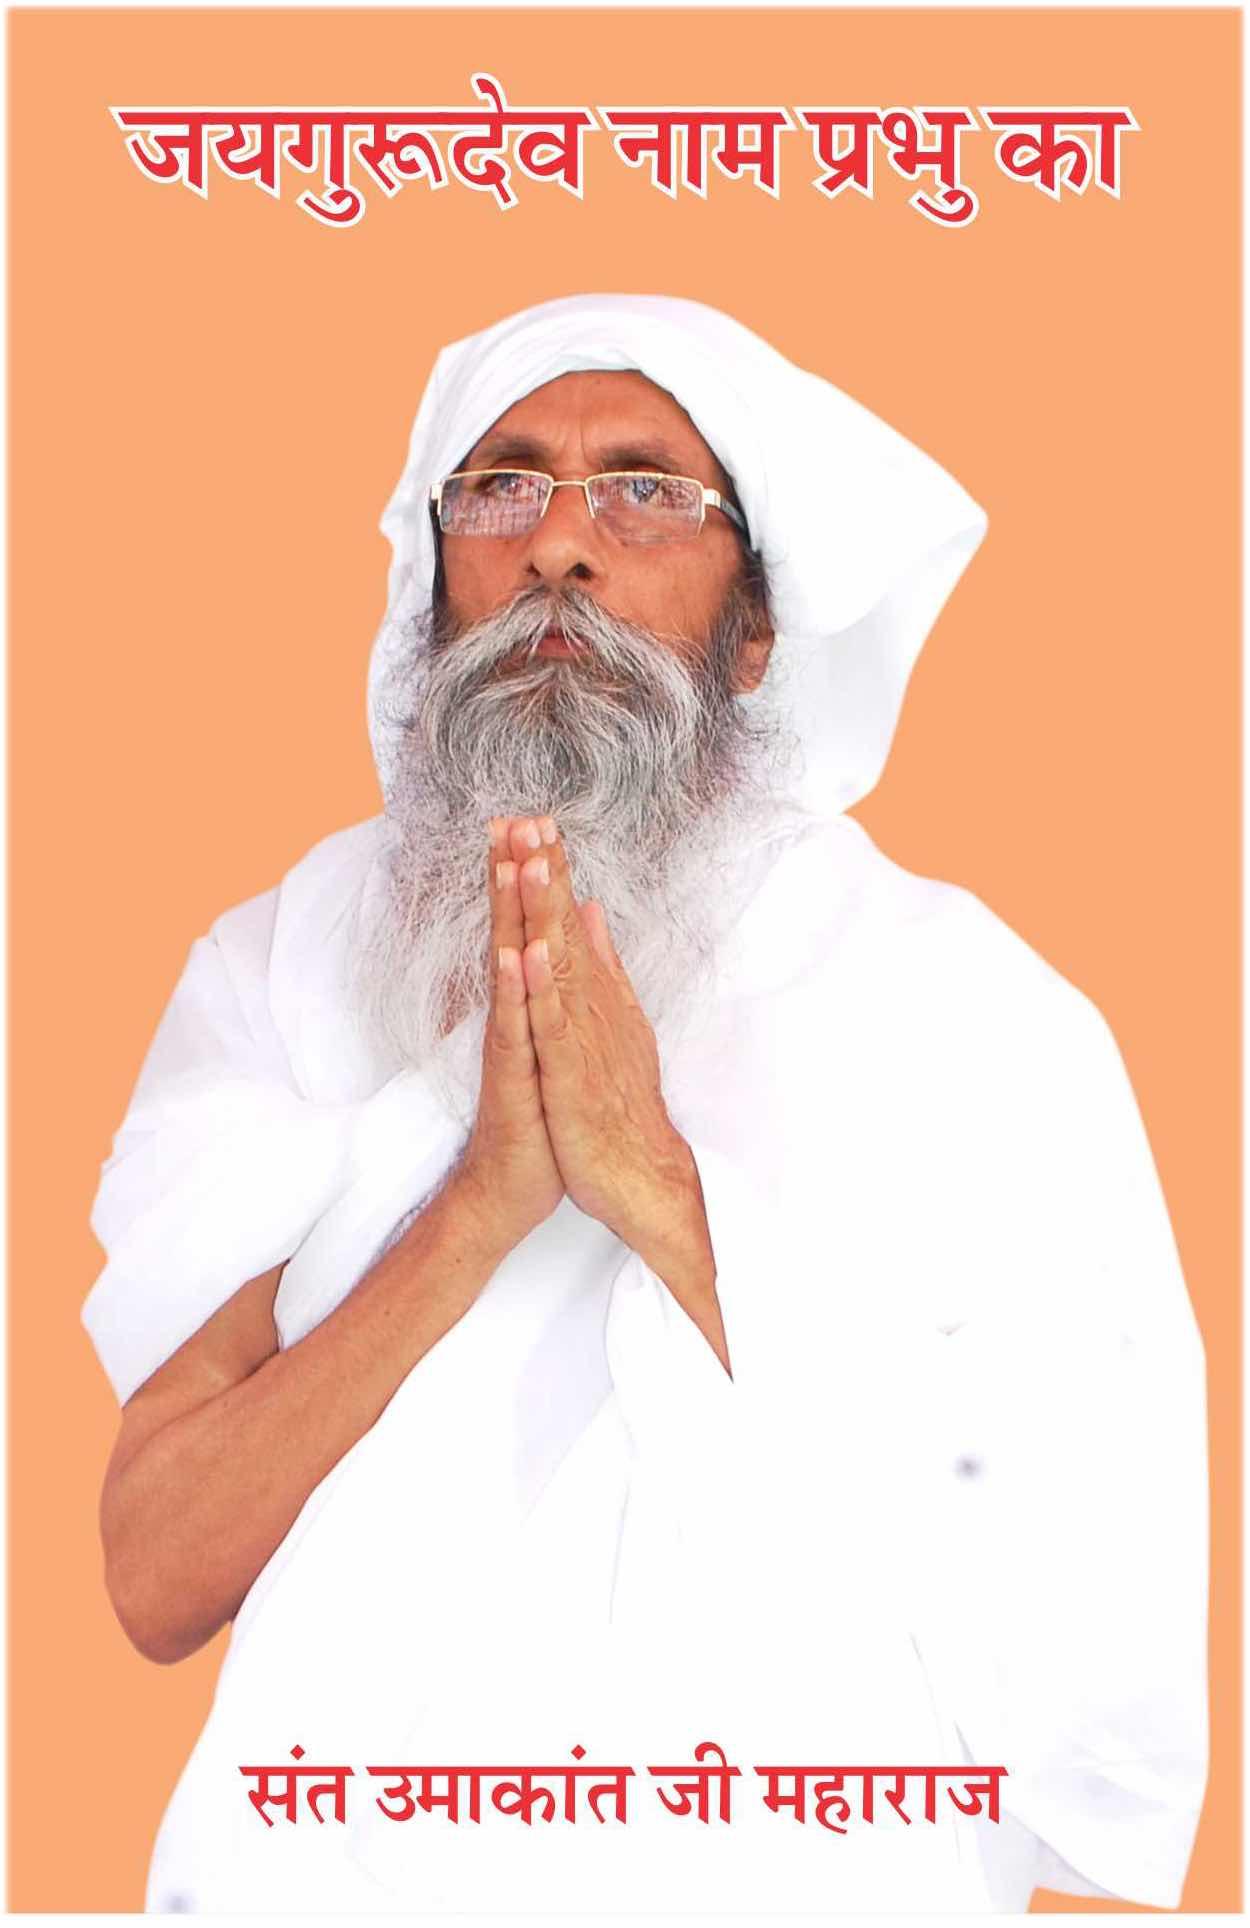 Jaigurudev - Swami Umakanth Ji Maharaj